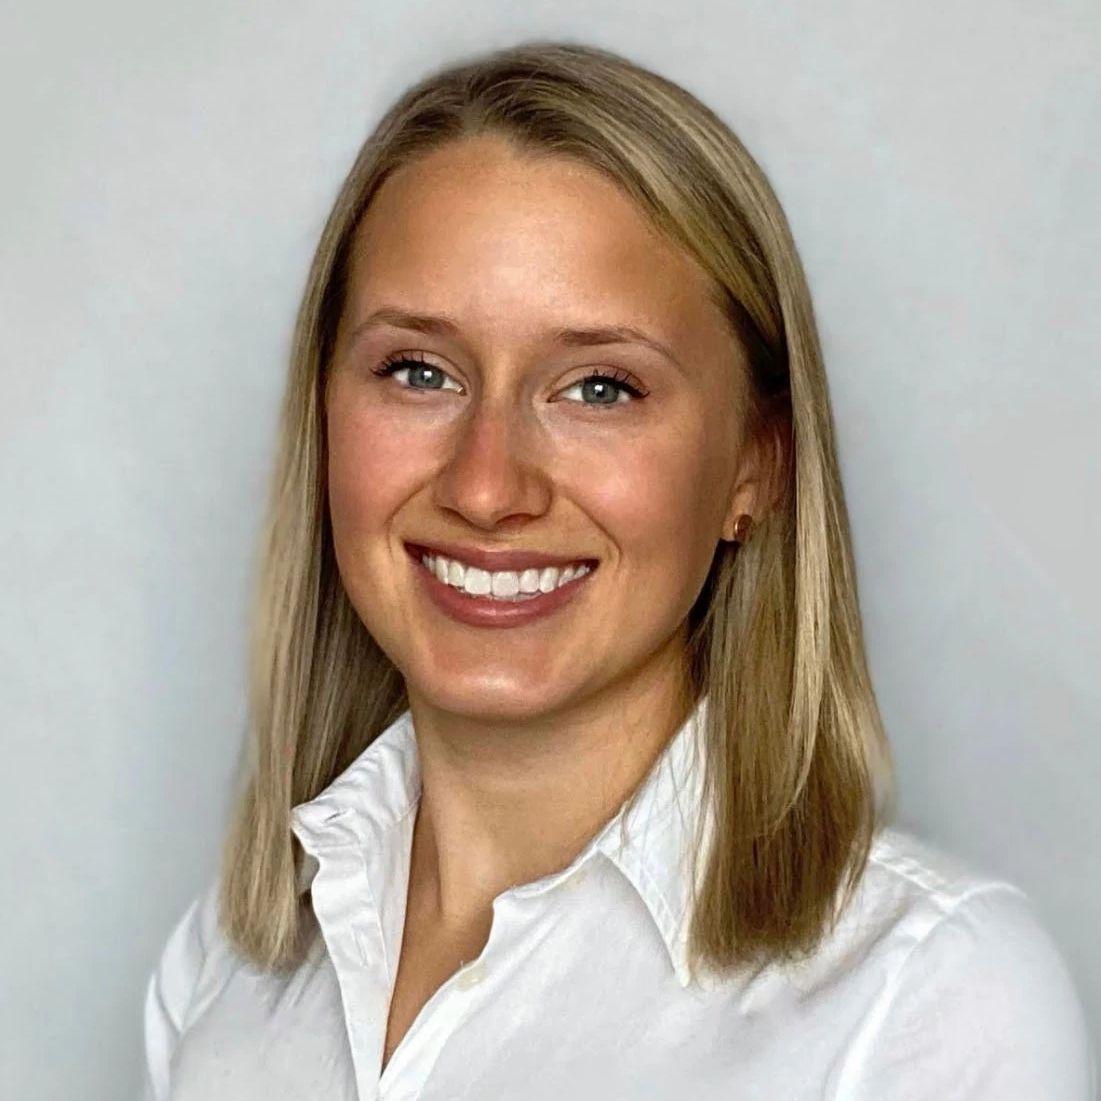 Andrea Peterson